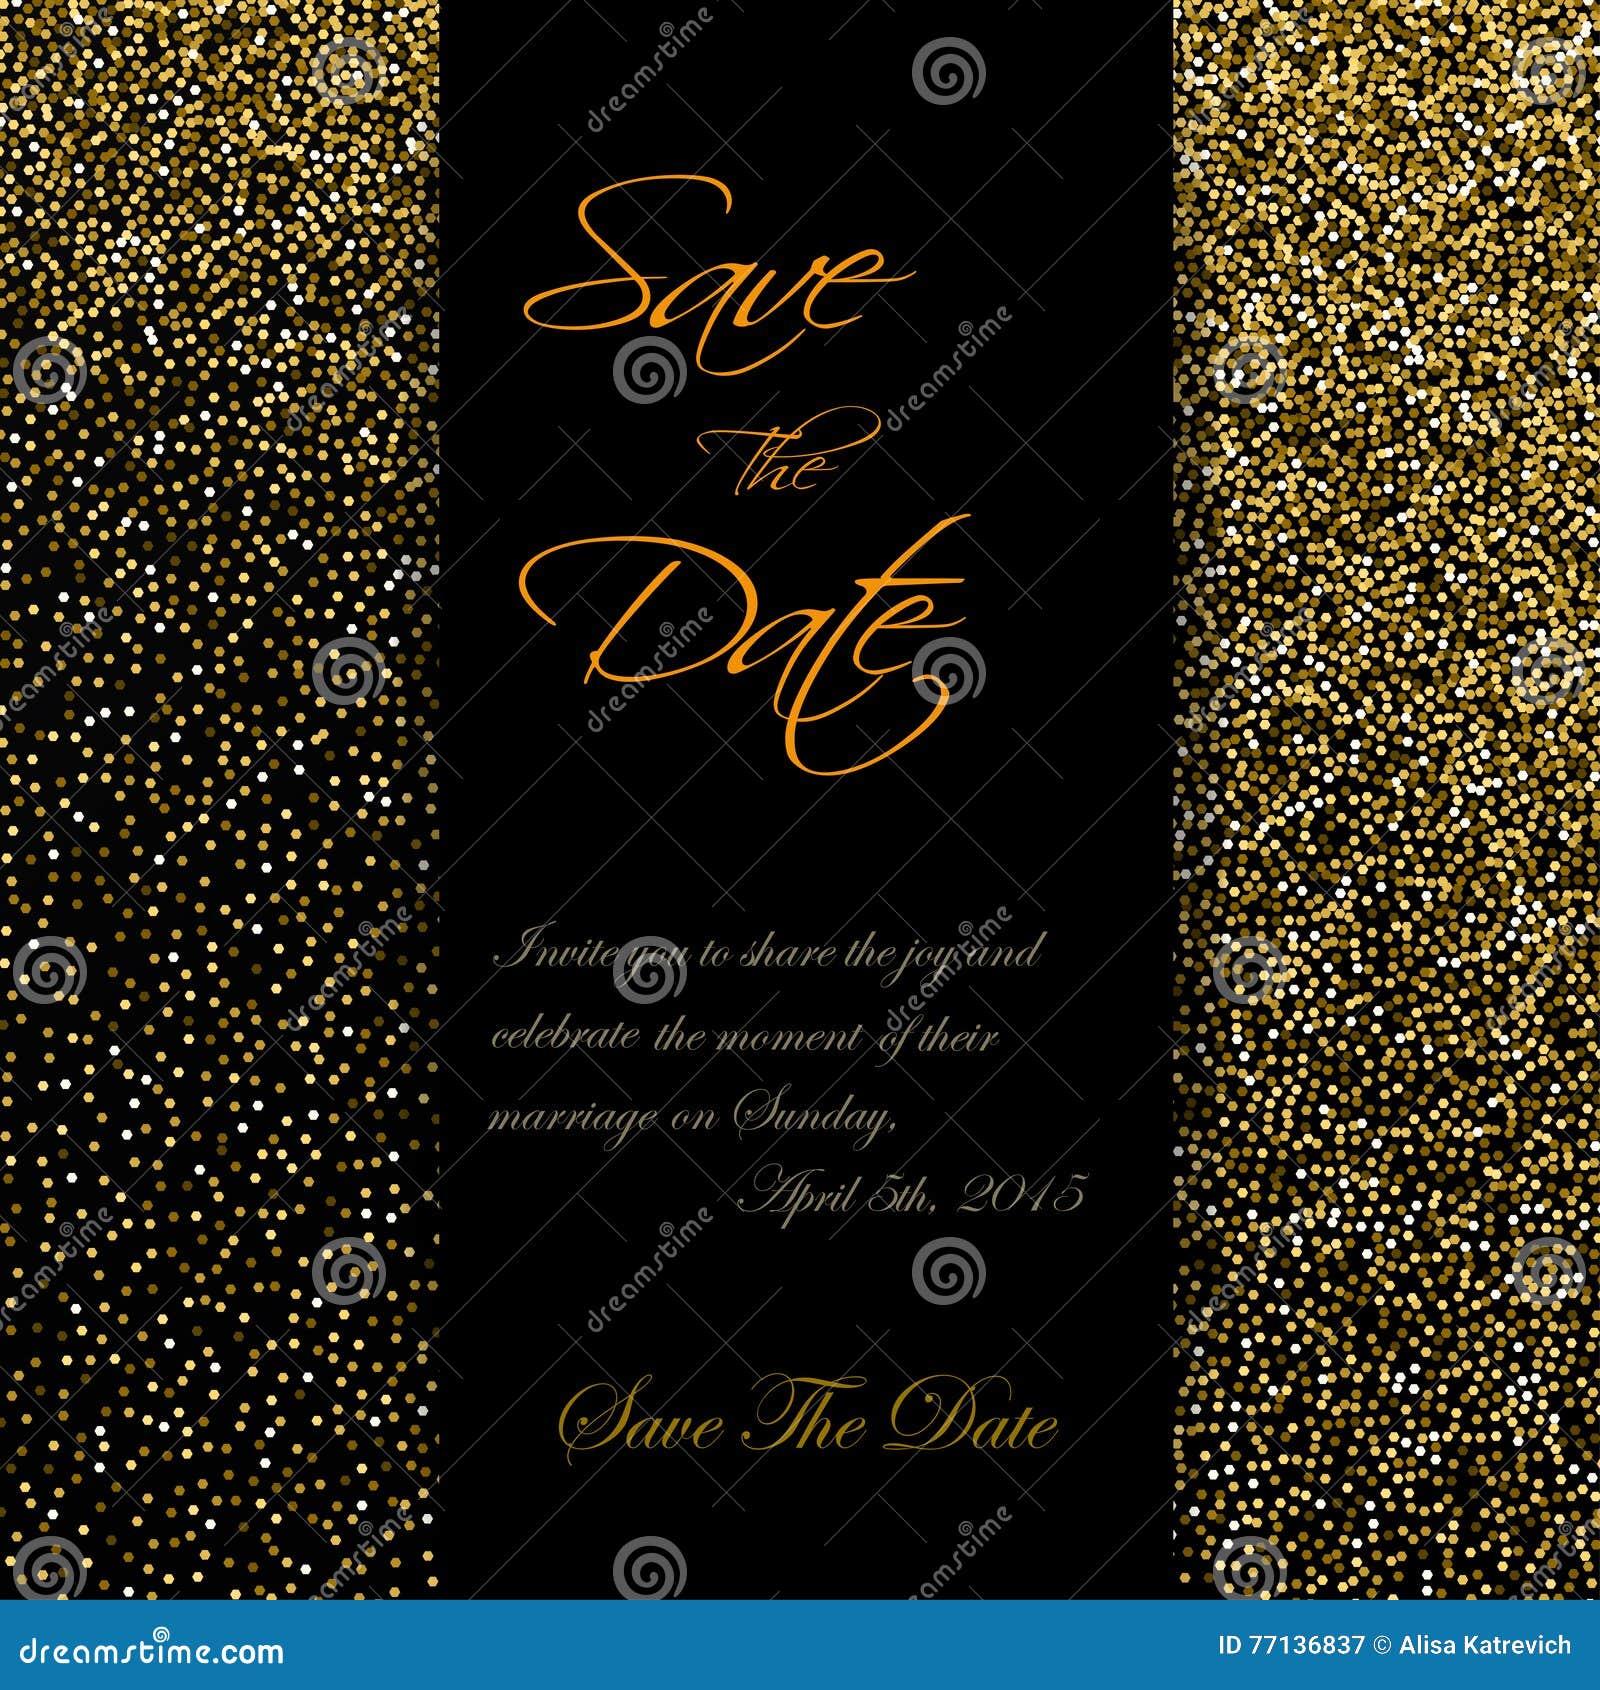 göra på födelsedag Gulliga Kort Med Guld  Konfettier Blänker Göra Perfekt För  göra på födelsedag